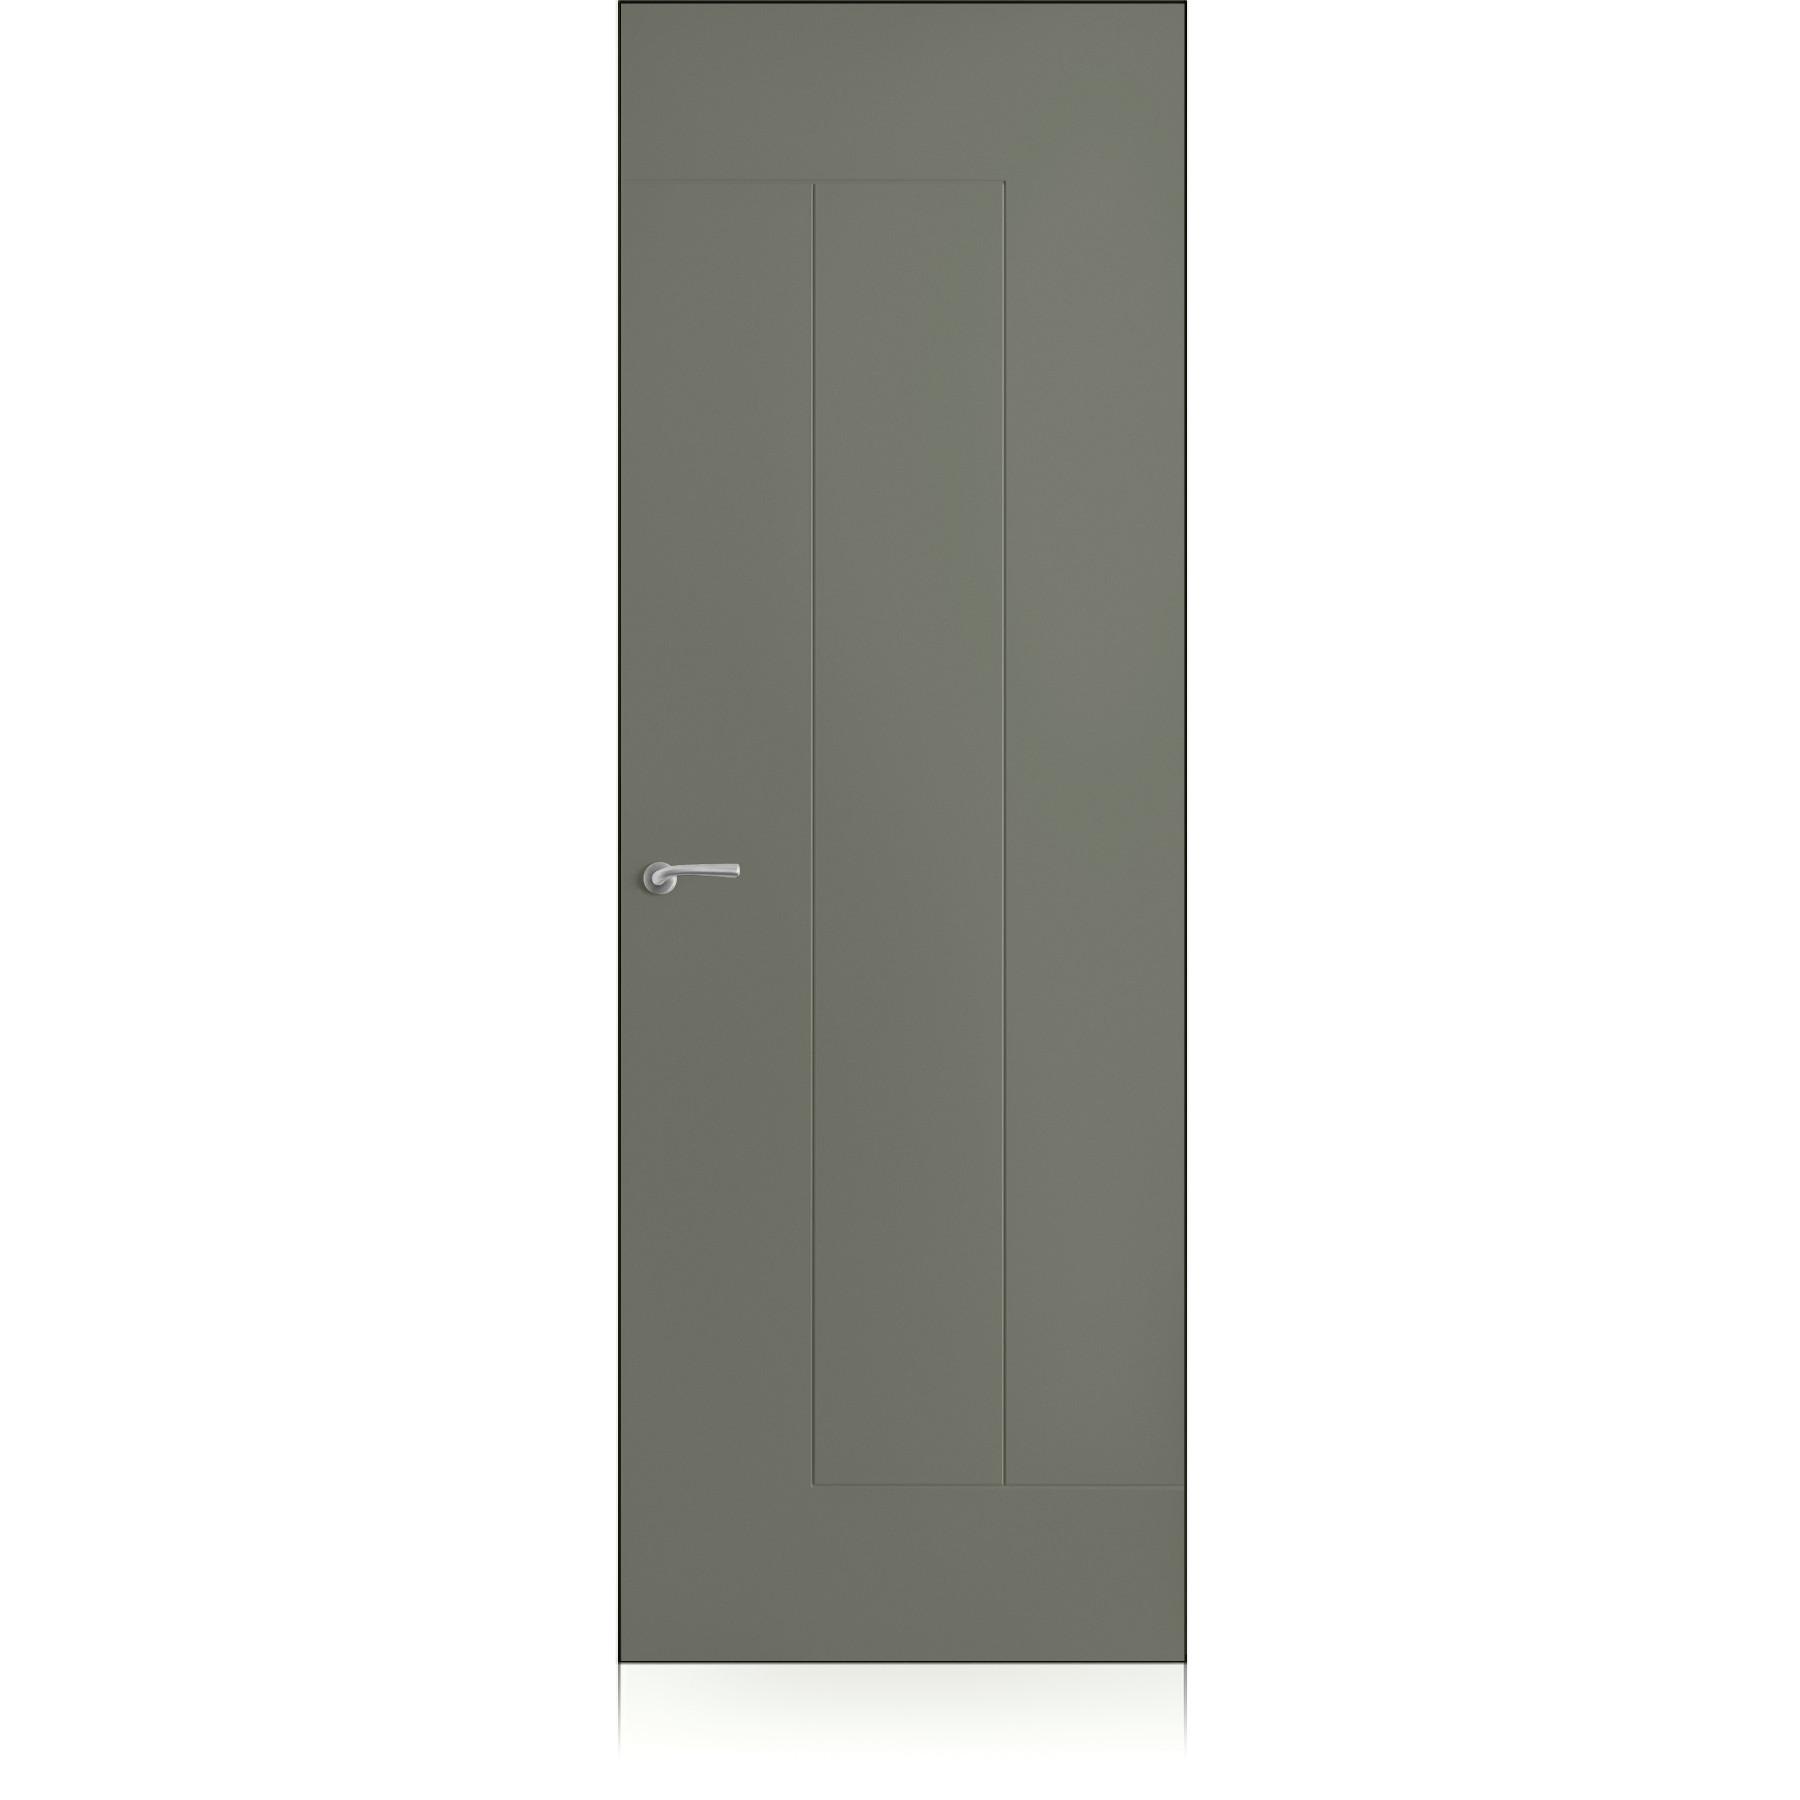 Porte Yncisa/8 Zero Lichene Pure Laccato ULTRAopaco